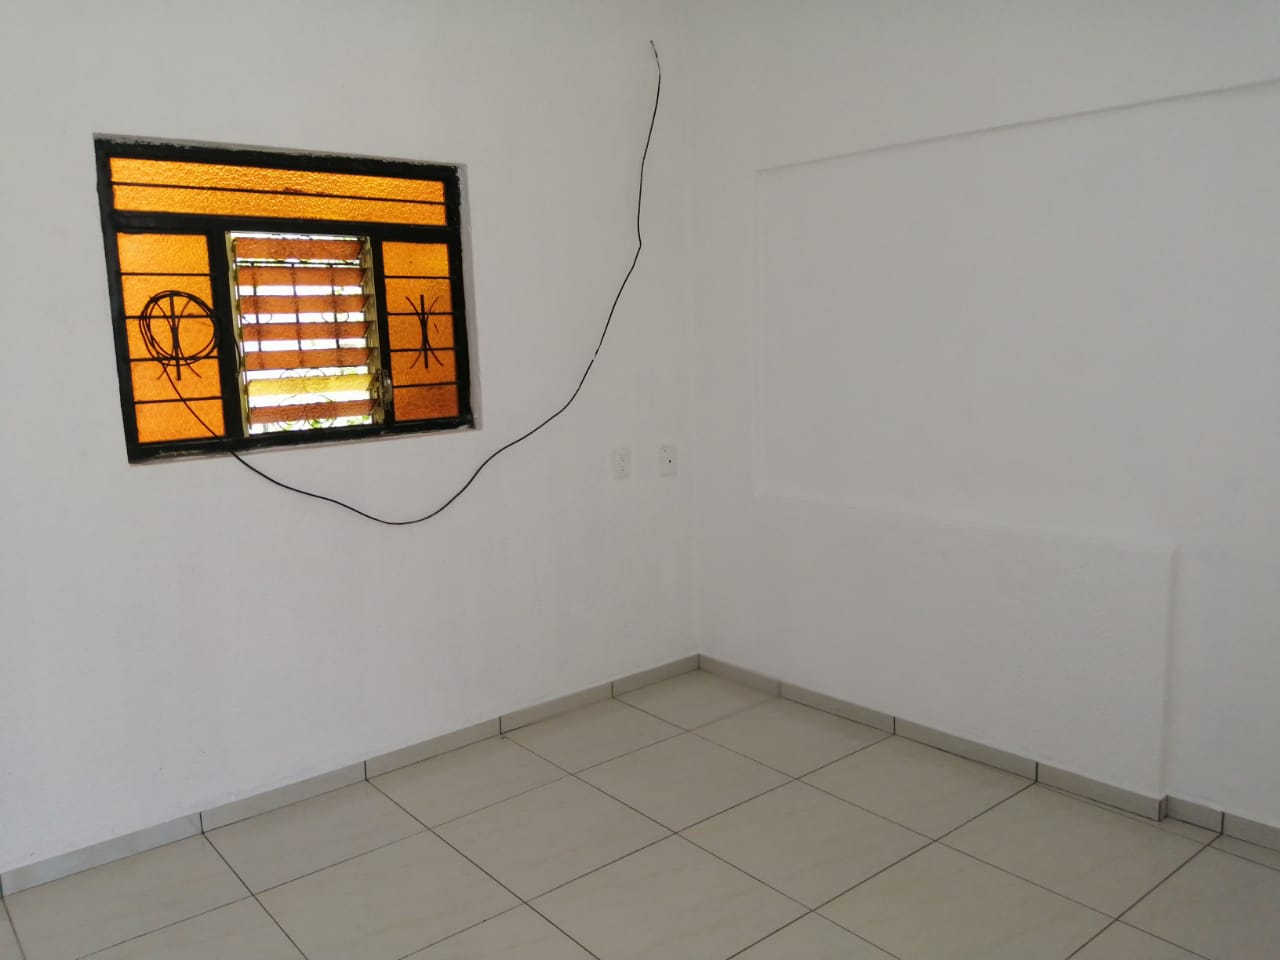 IMG-20200716-WA0053.jpg